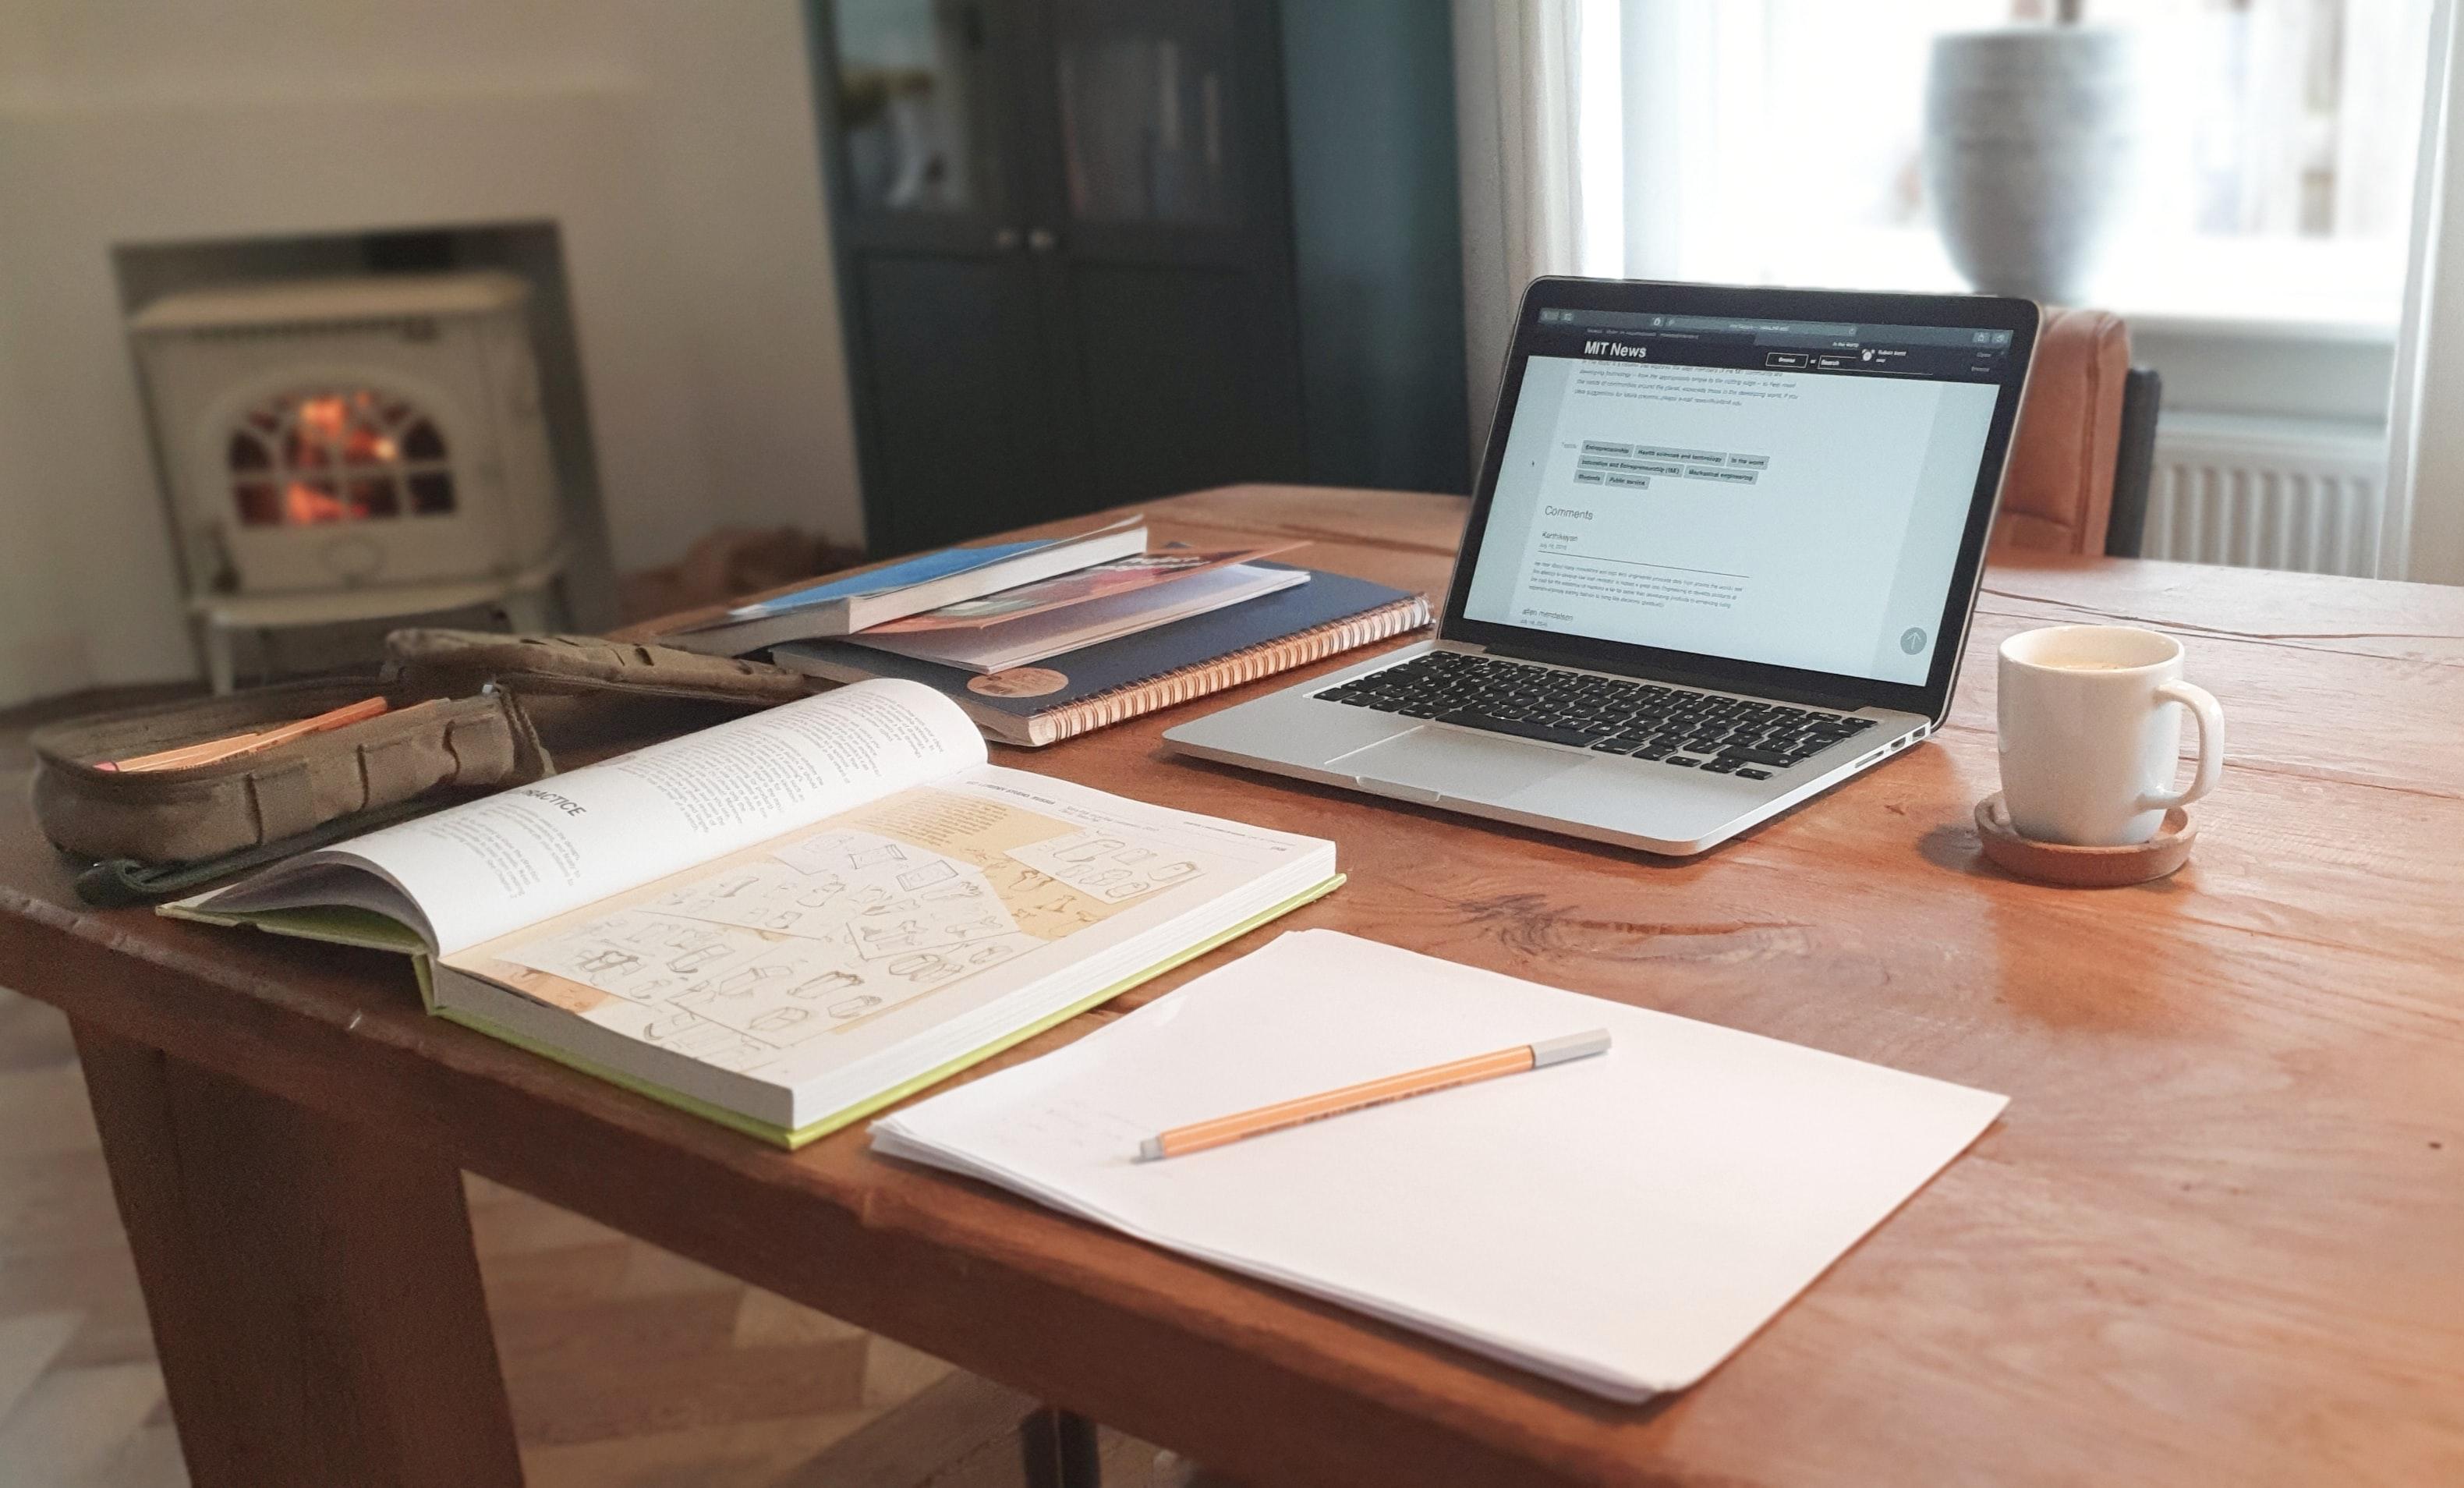 Come arredare un angolo ufficio in casa, ideale per lo smart working